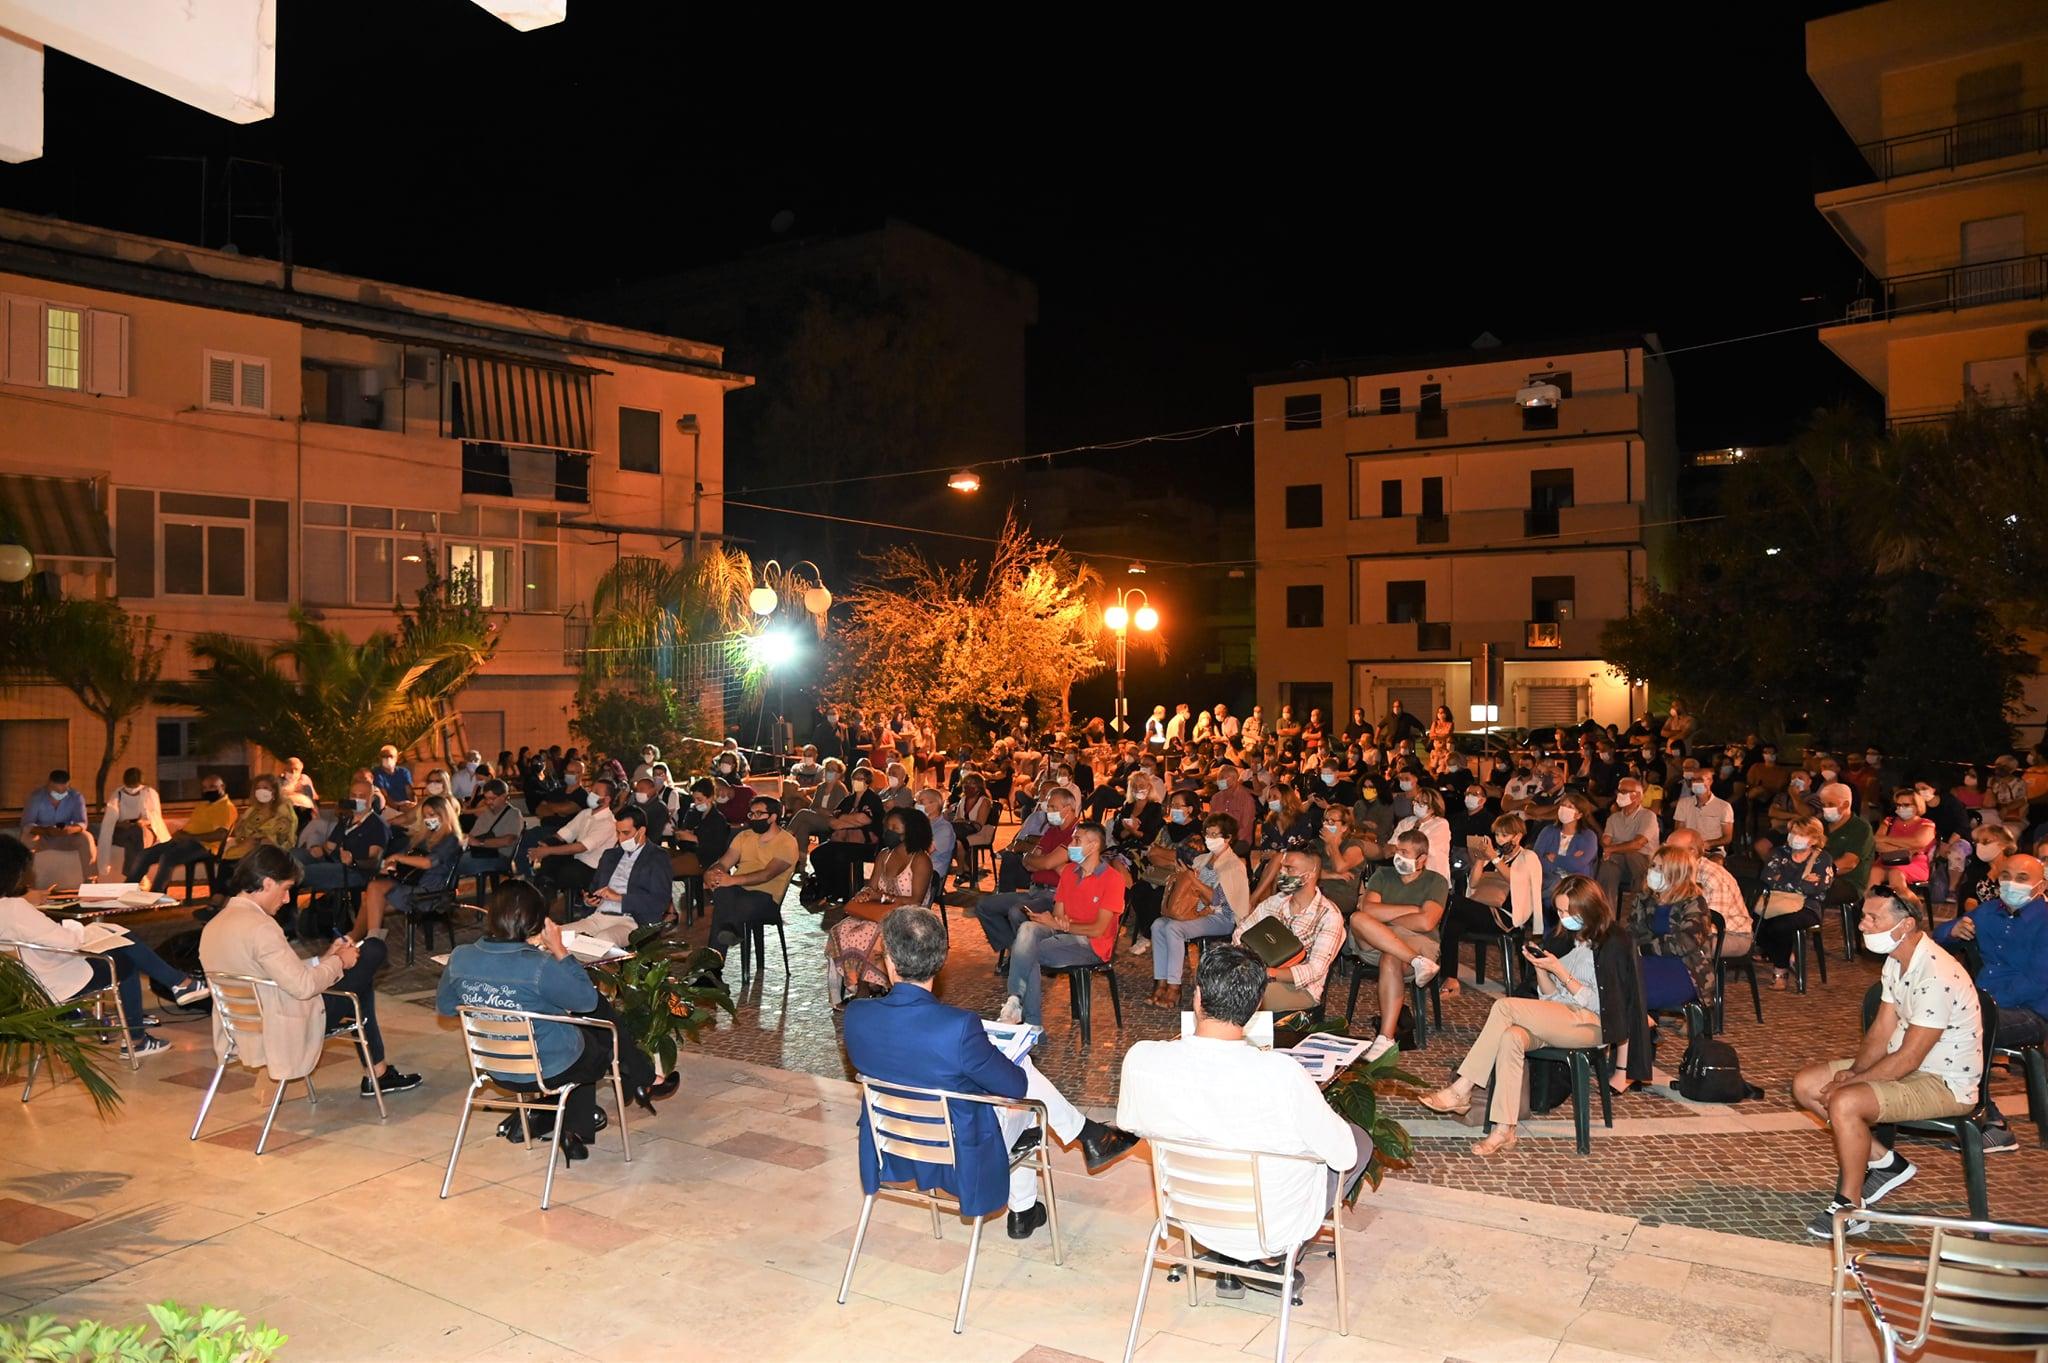 Elezioni Reggio Calabria, candidati a confronto nella piazza di Cannavò